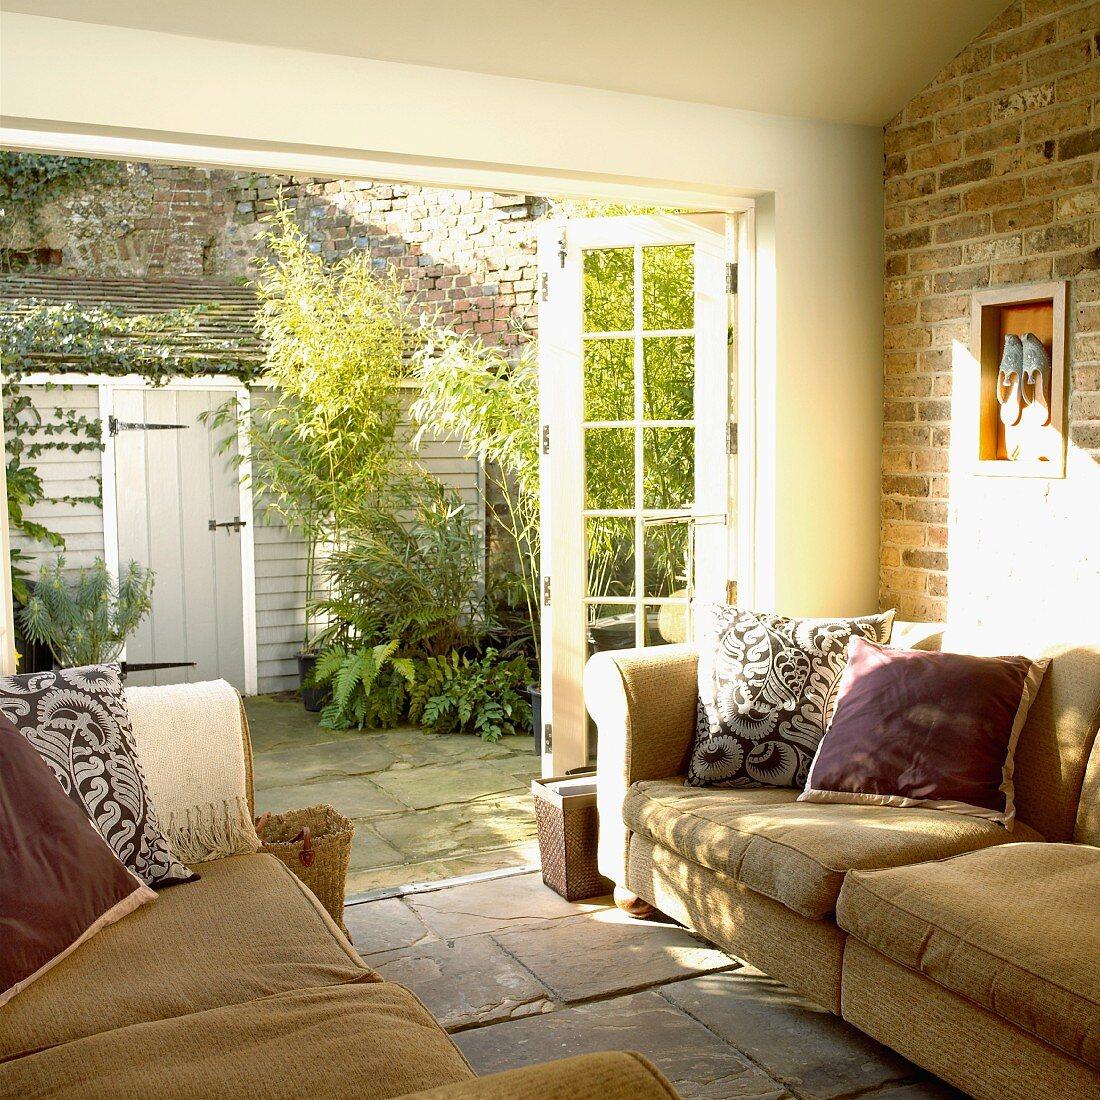 Wohnzimmer mit Sofaecke und geöffneten … - Bild kaufen ...